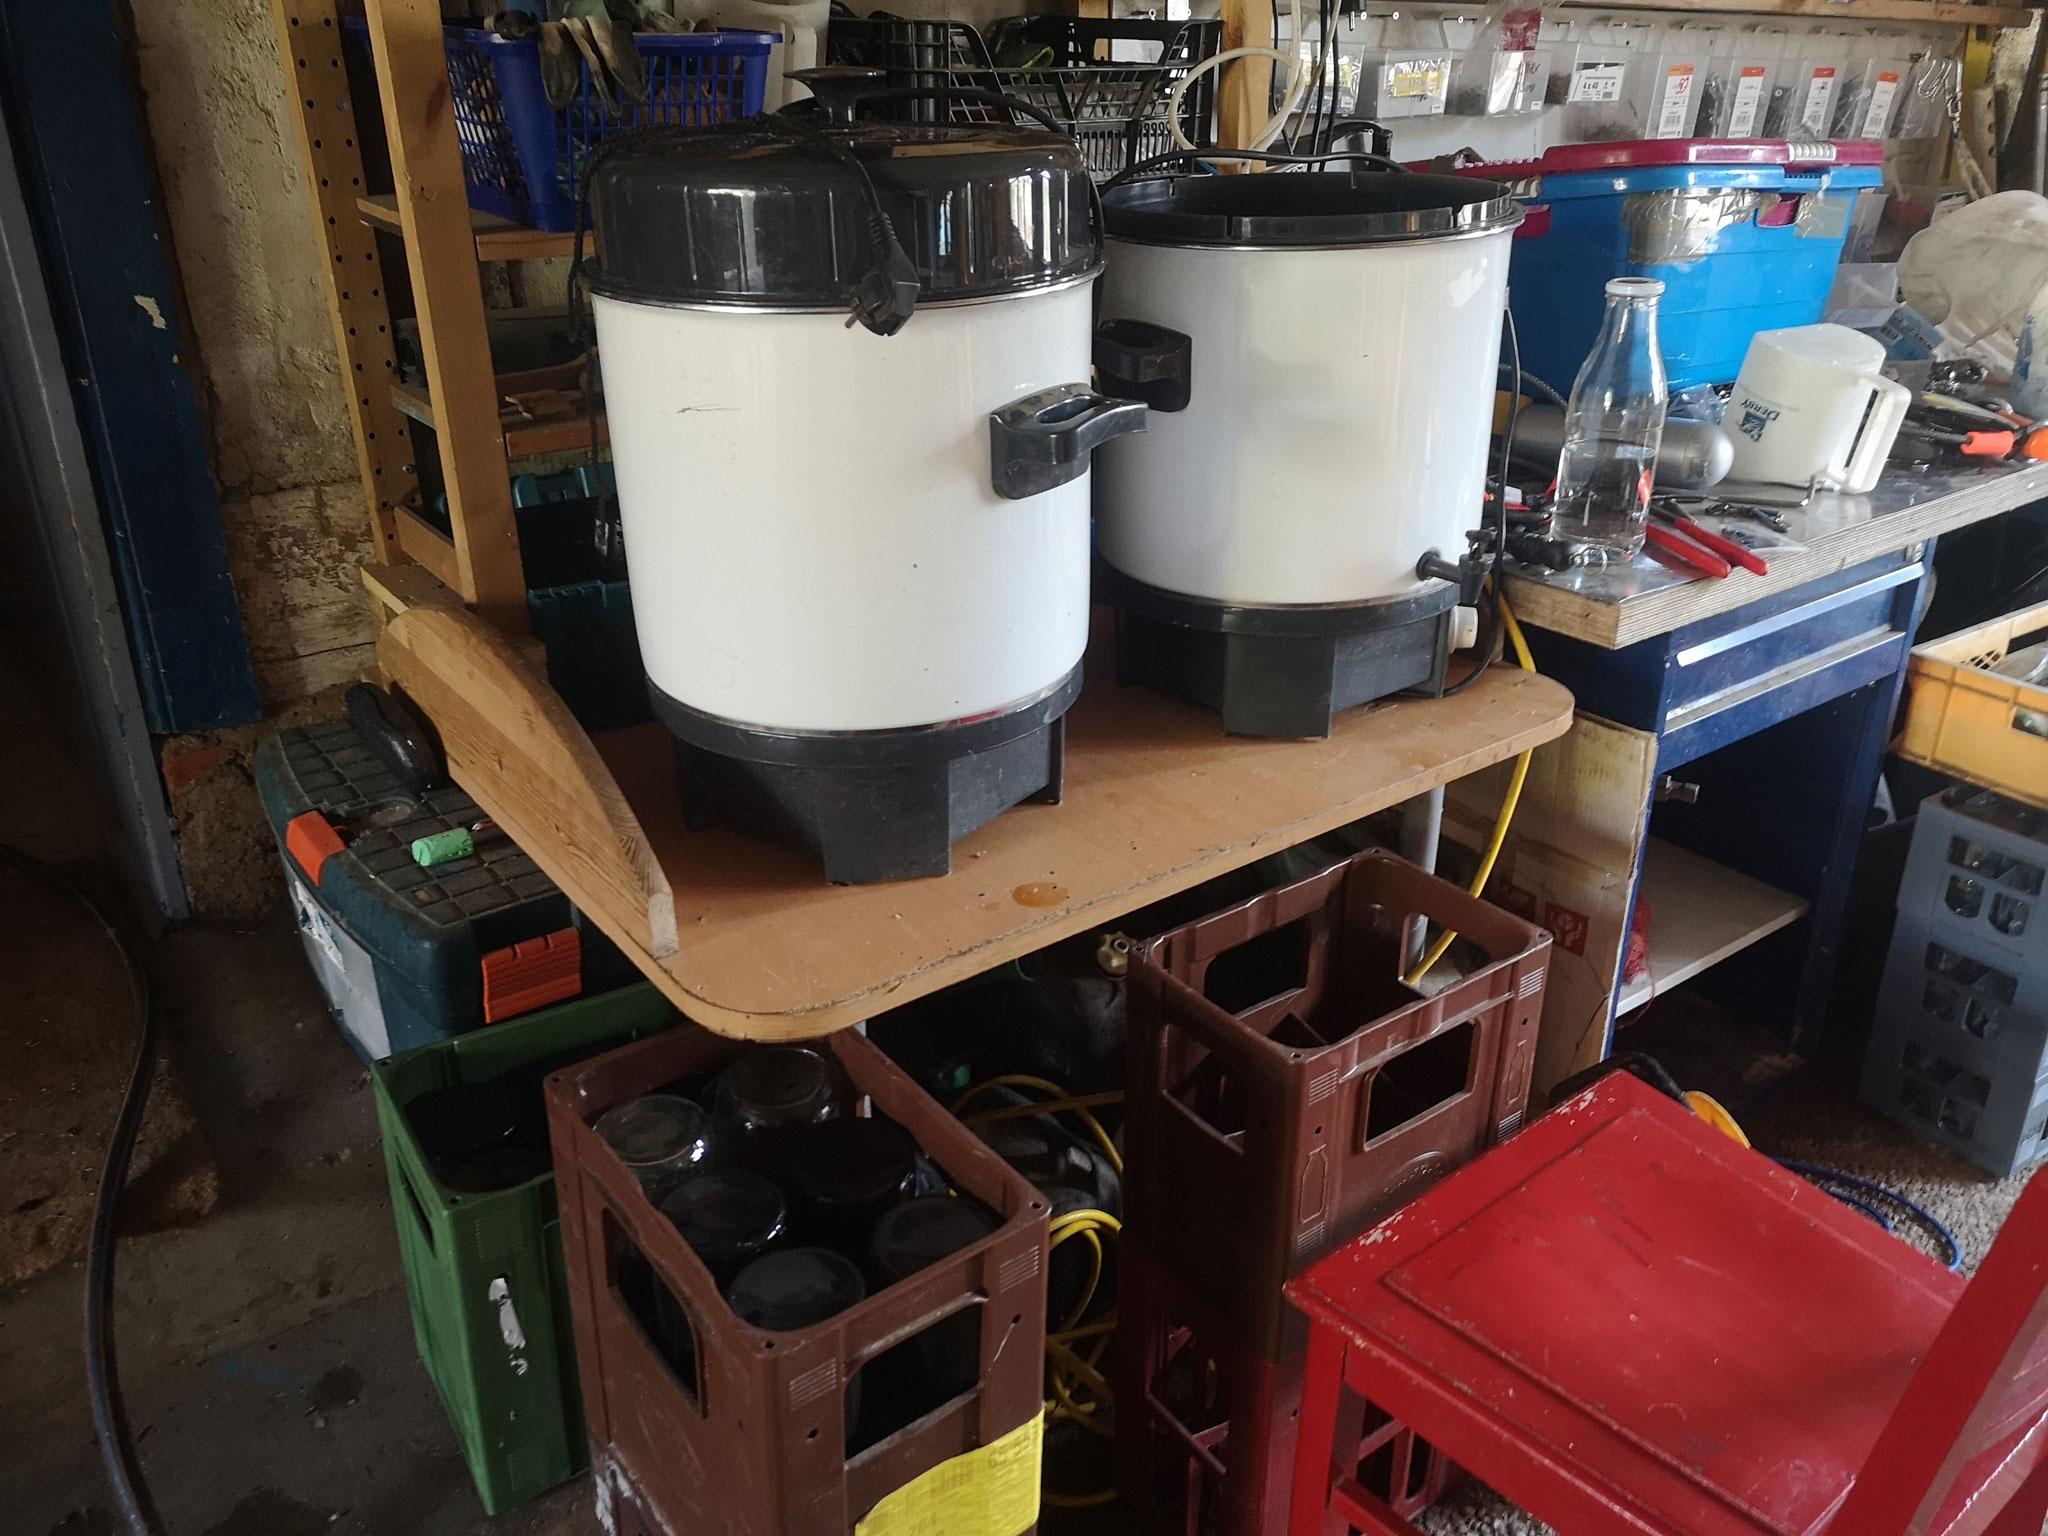 6. Schritt: Der Saft wird auf zw. 70 u. 75 Grad erhitzt und danach abgefüllt. Wir schaffen zu zweit zw. 60 u. 90 Liter Saft am Tag